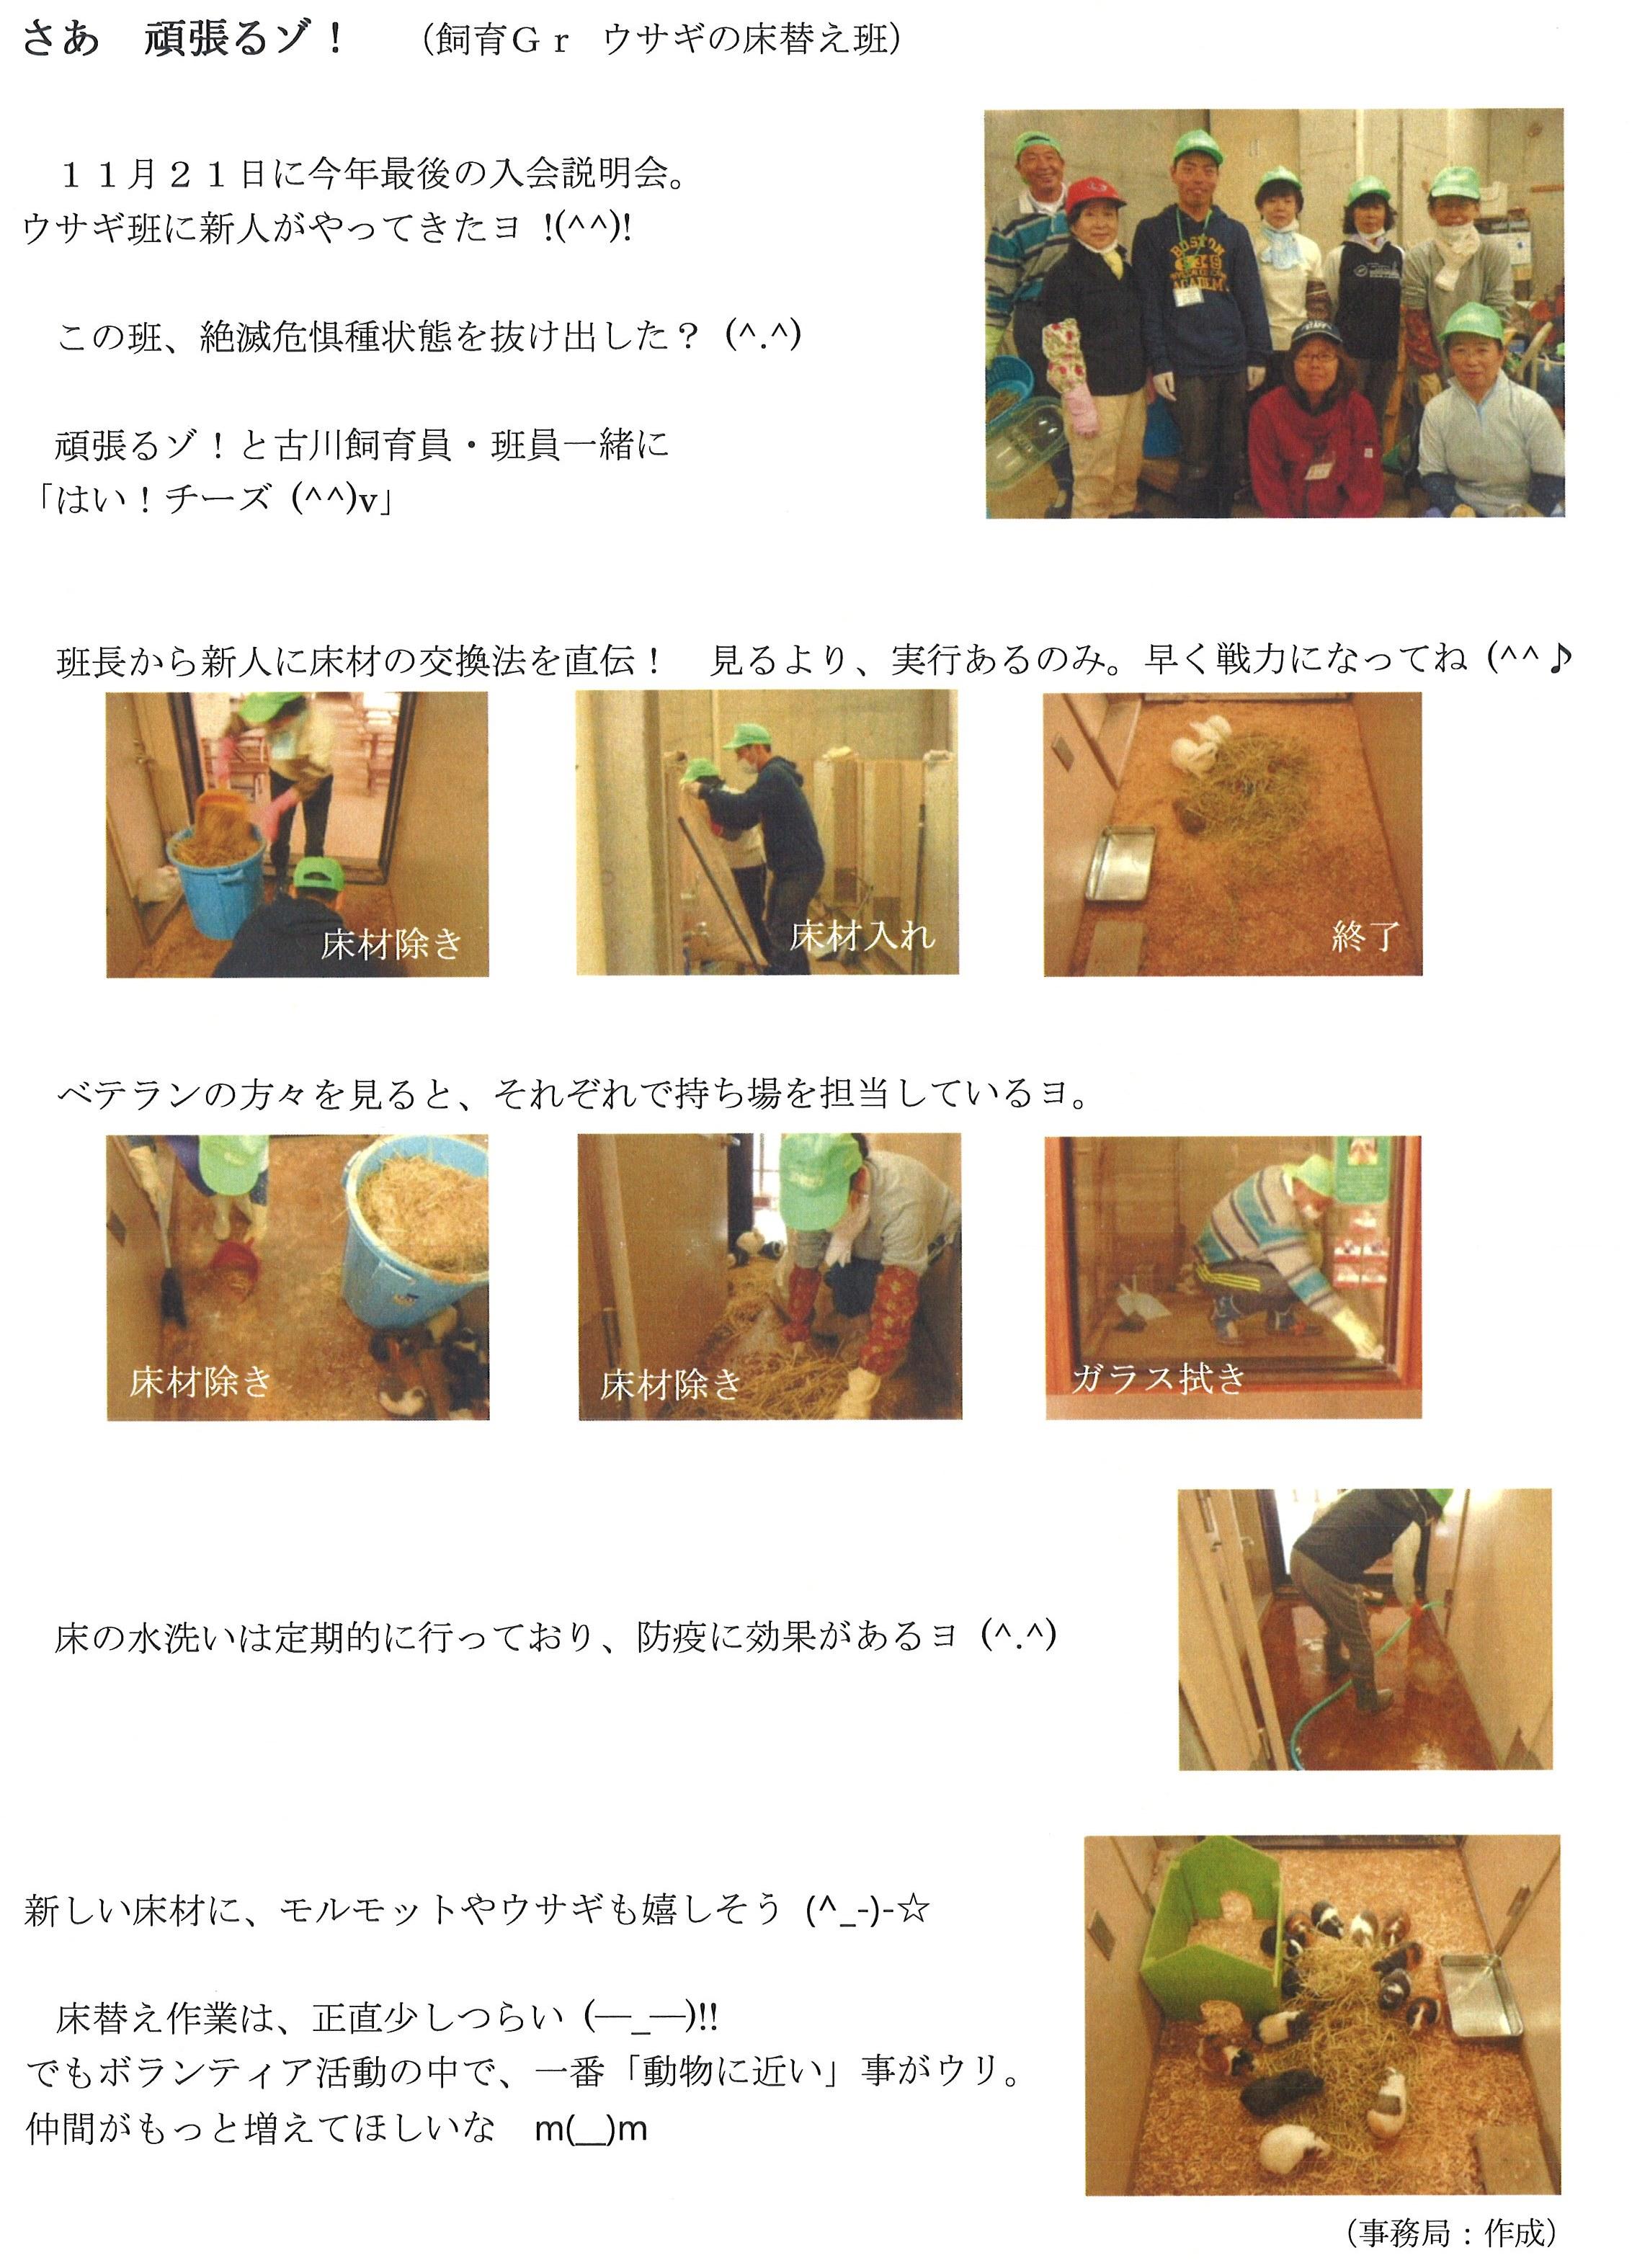 20151127_ボランティアブログ.jpg